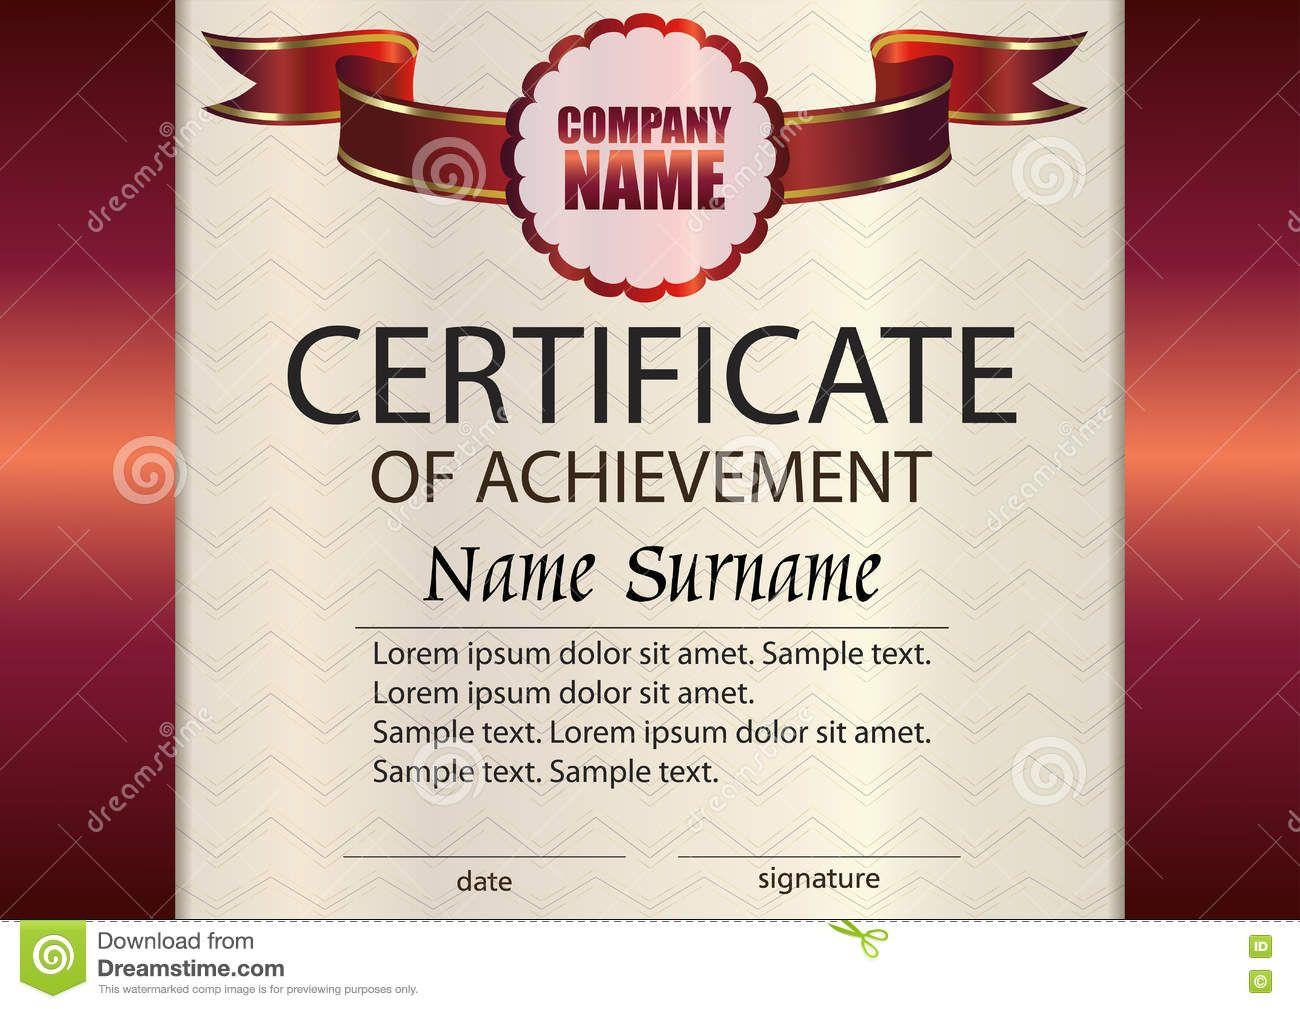 Vector Certificate Of Achievement Template. Award Winner